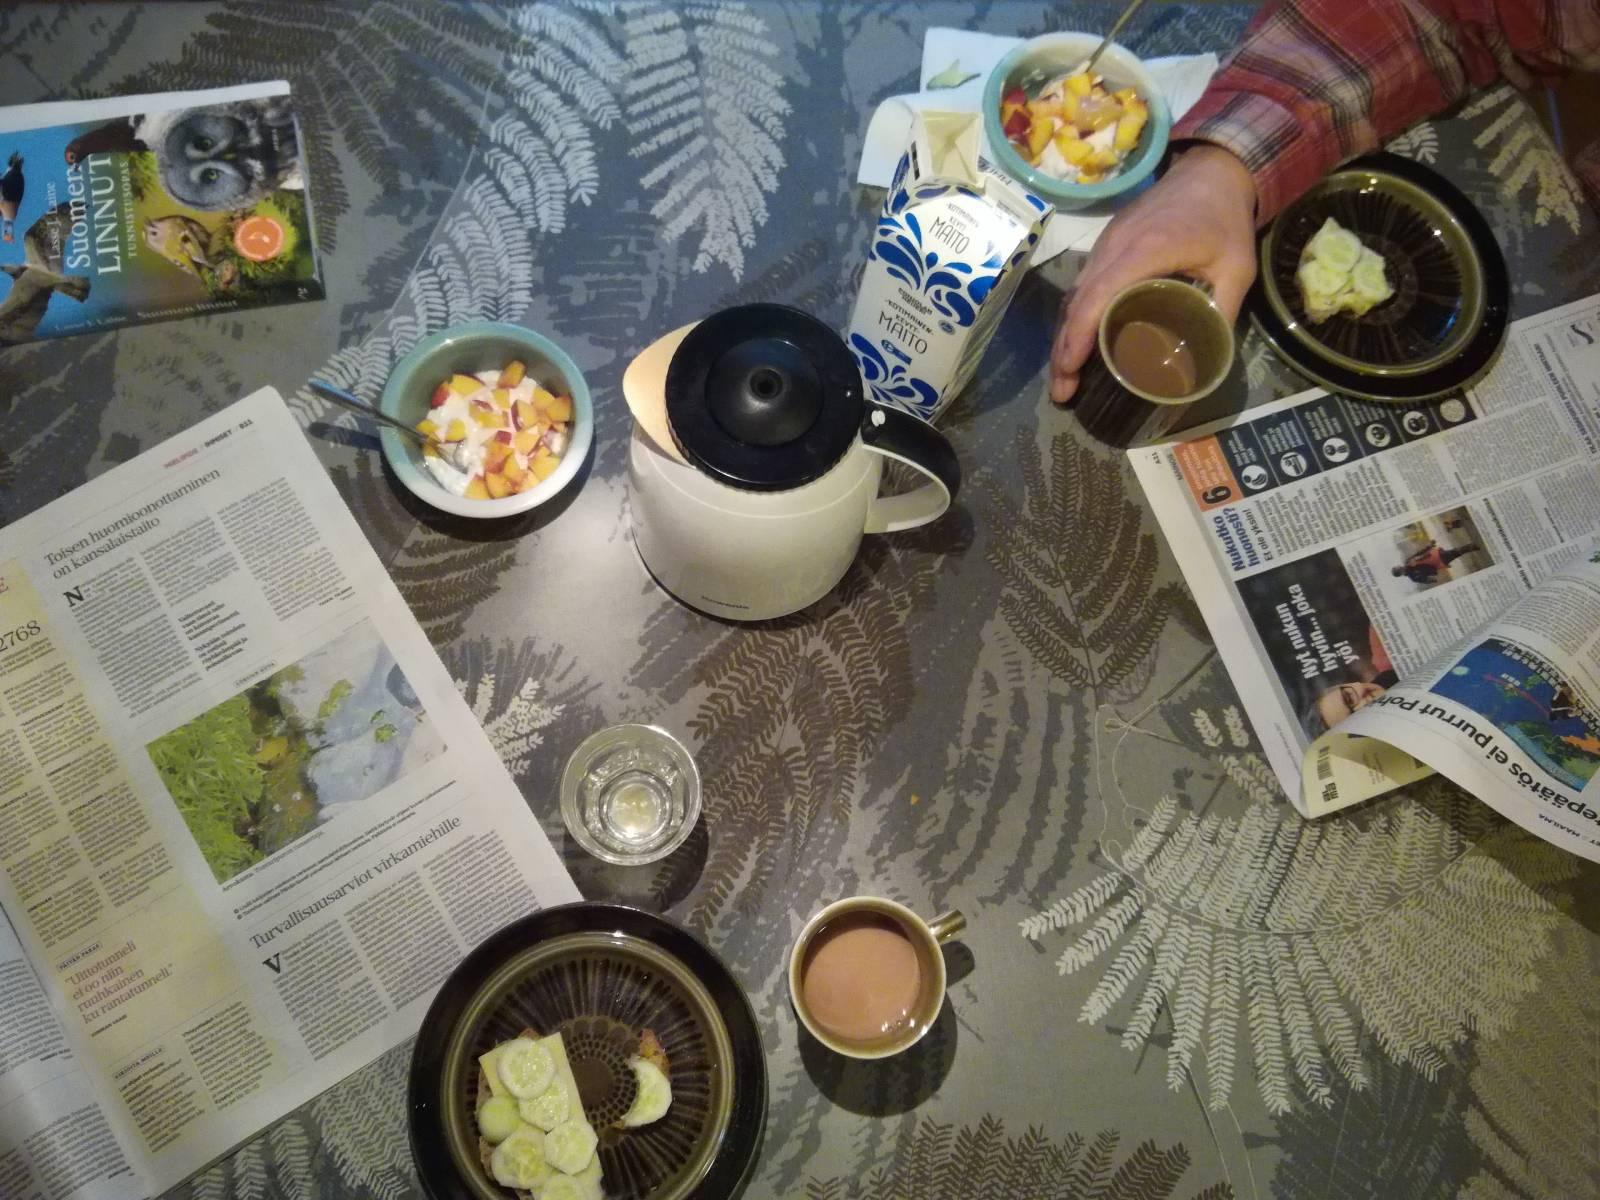 Aamukahvipöydässä avoin sanomalehti, kahvikuppeja ja lintukirja.